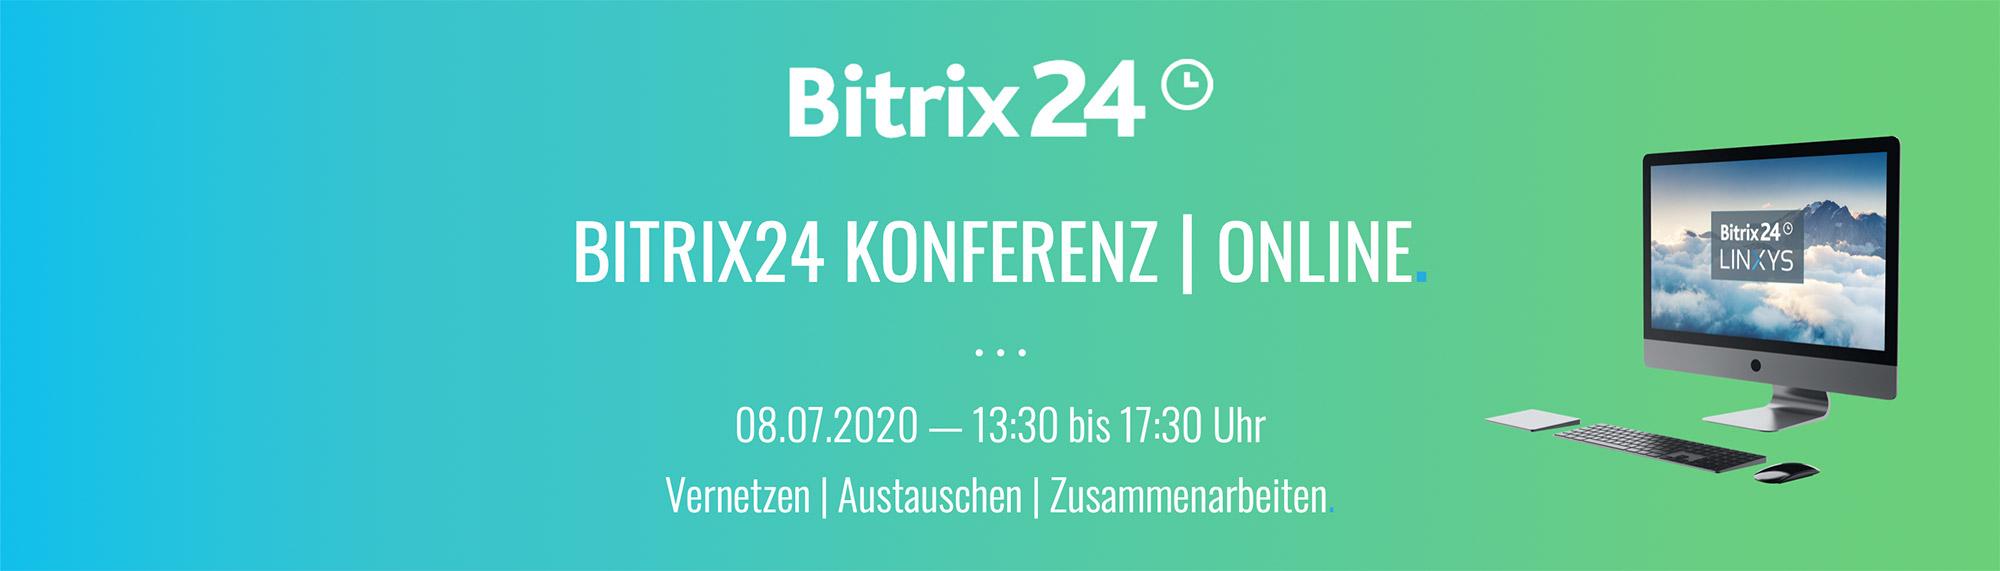 Bitrix24 Konferenz 08.07.2020